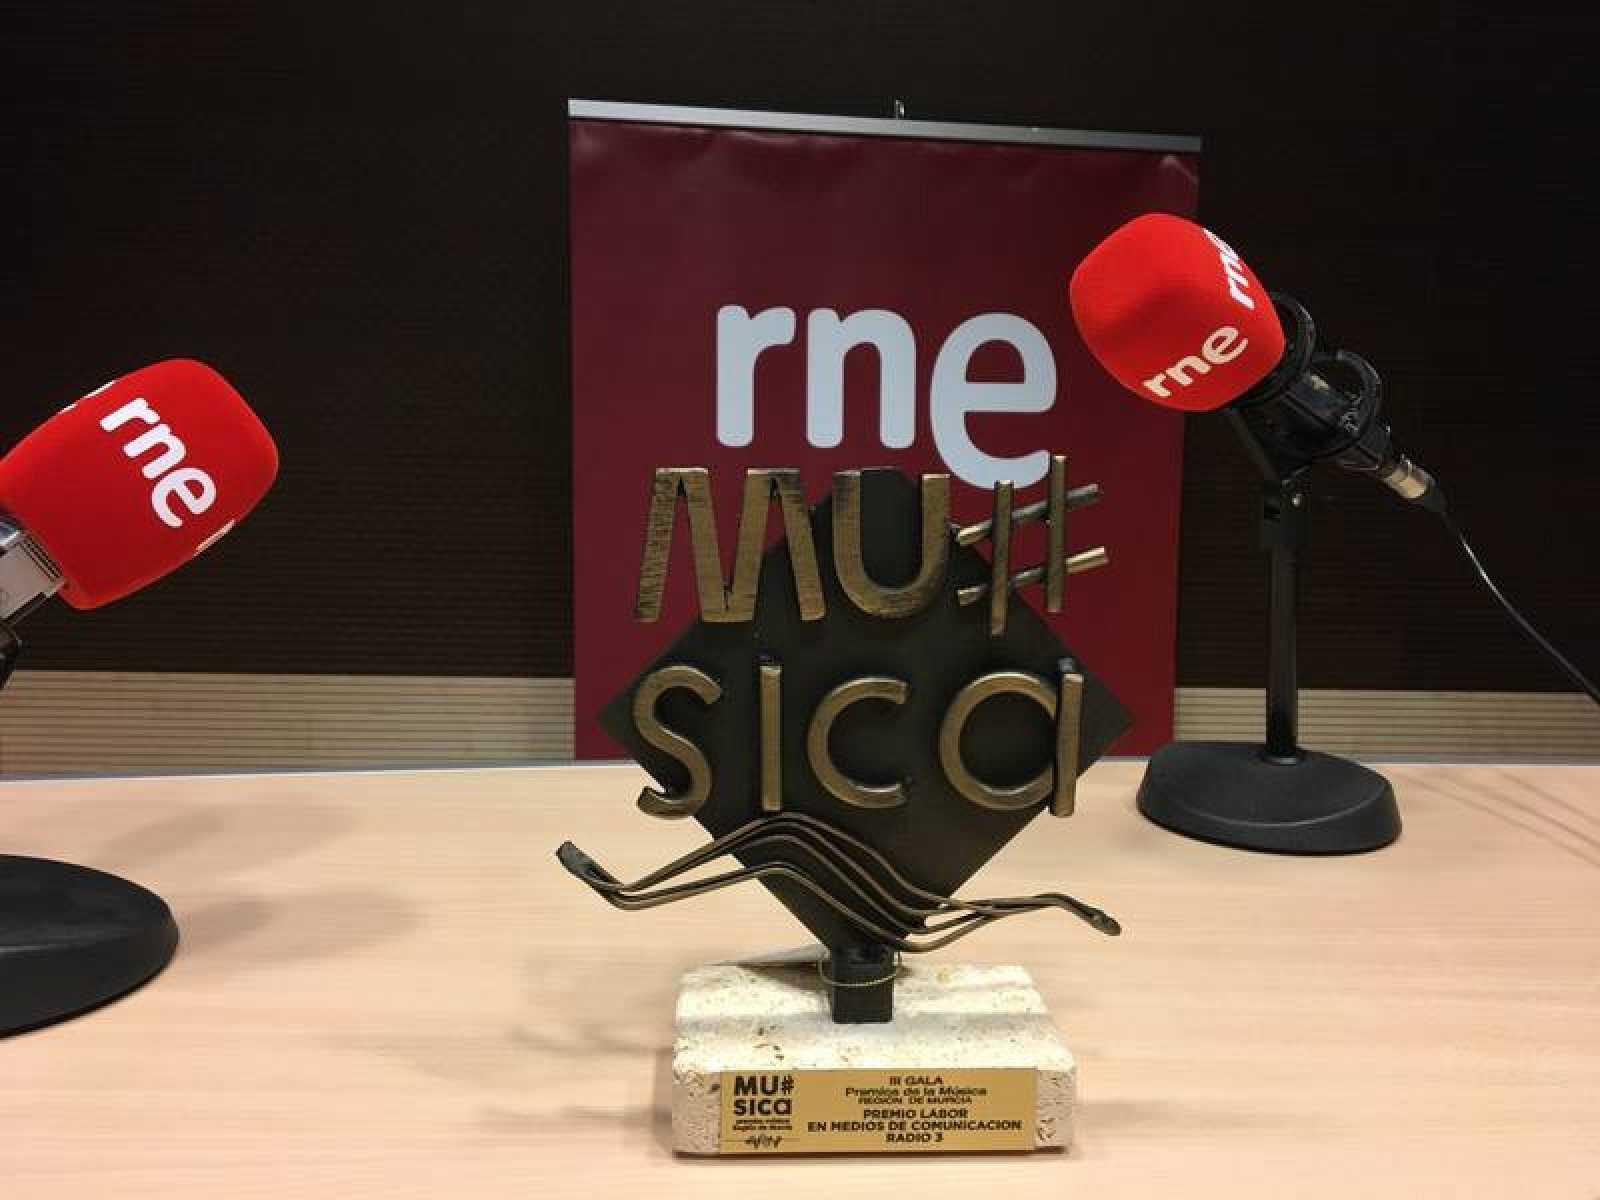 Radio 3 recibe el Premio de la Música de la Región de Murcia 2019